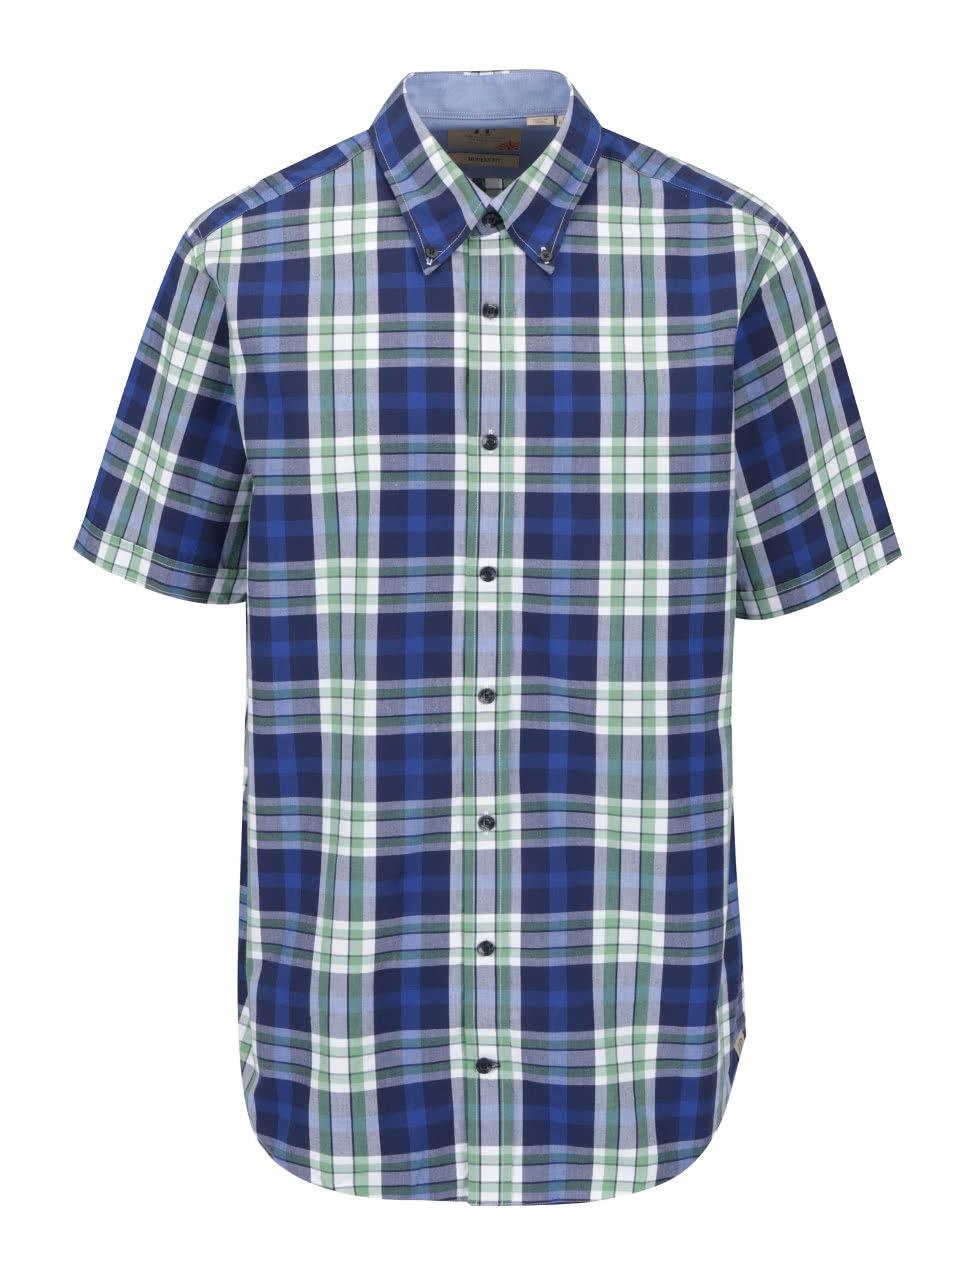 Zeleno-modrá kostkovaná košile s krátkým rukávem JP 1880 46e6ff80b5